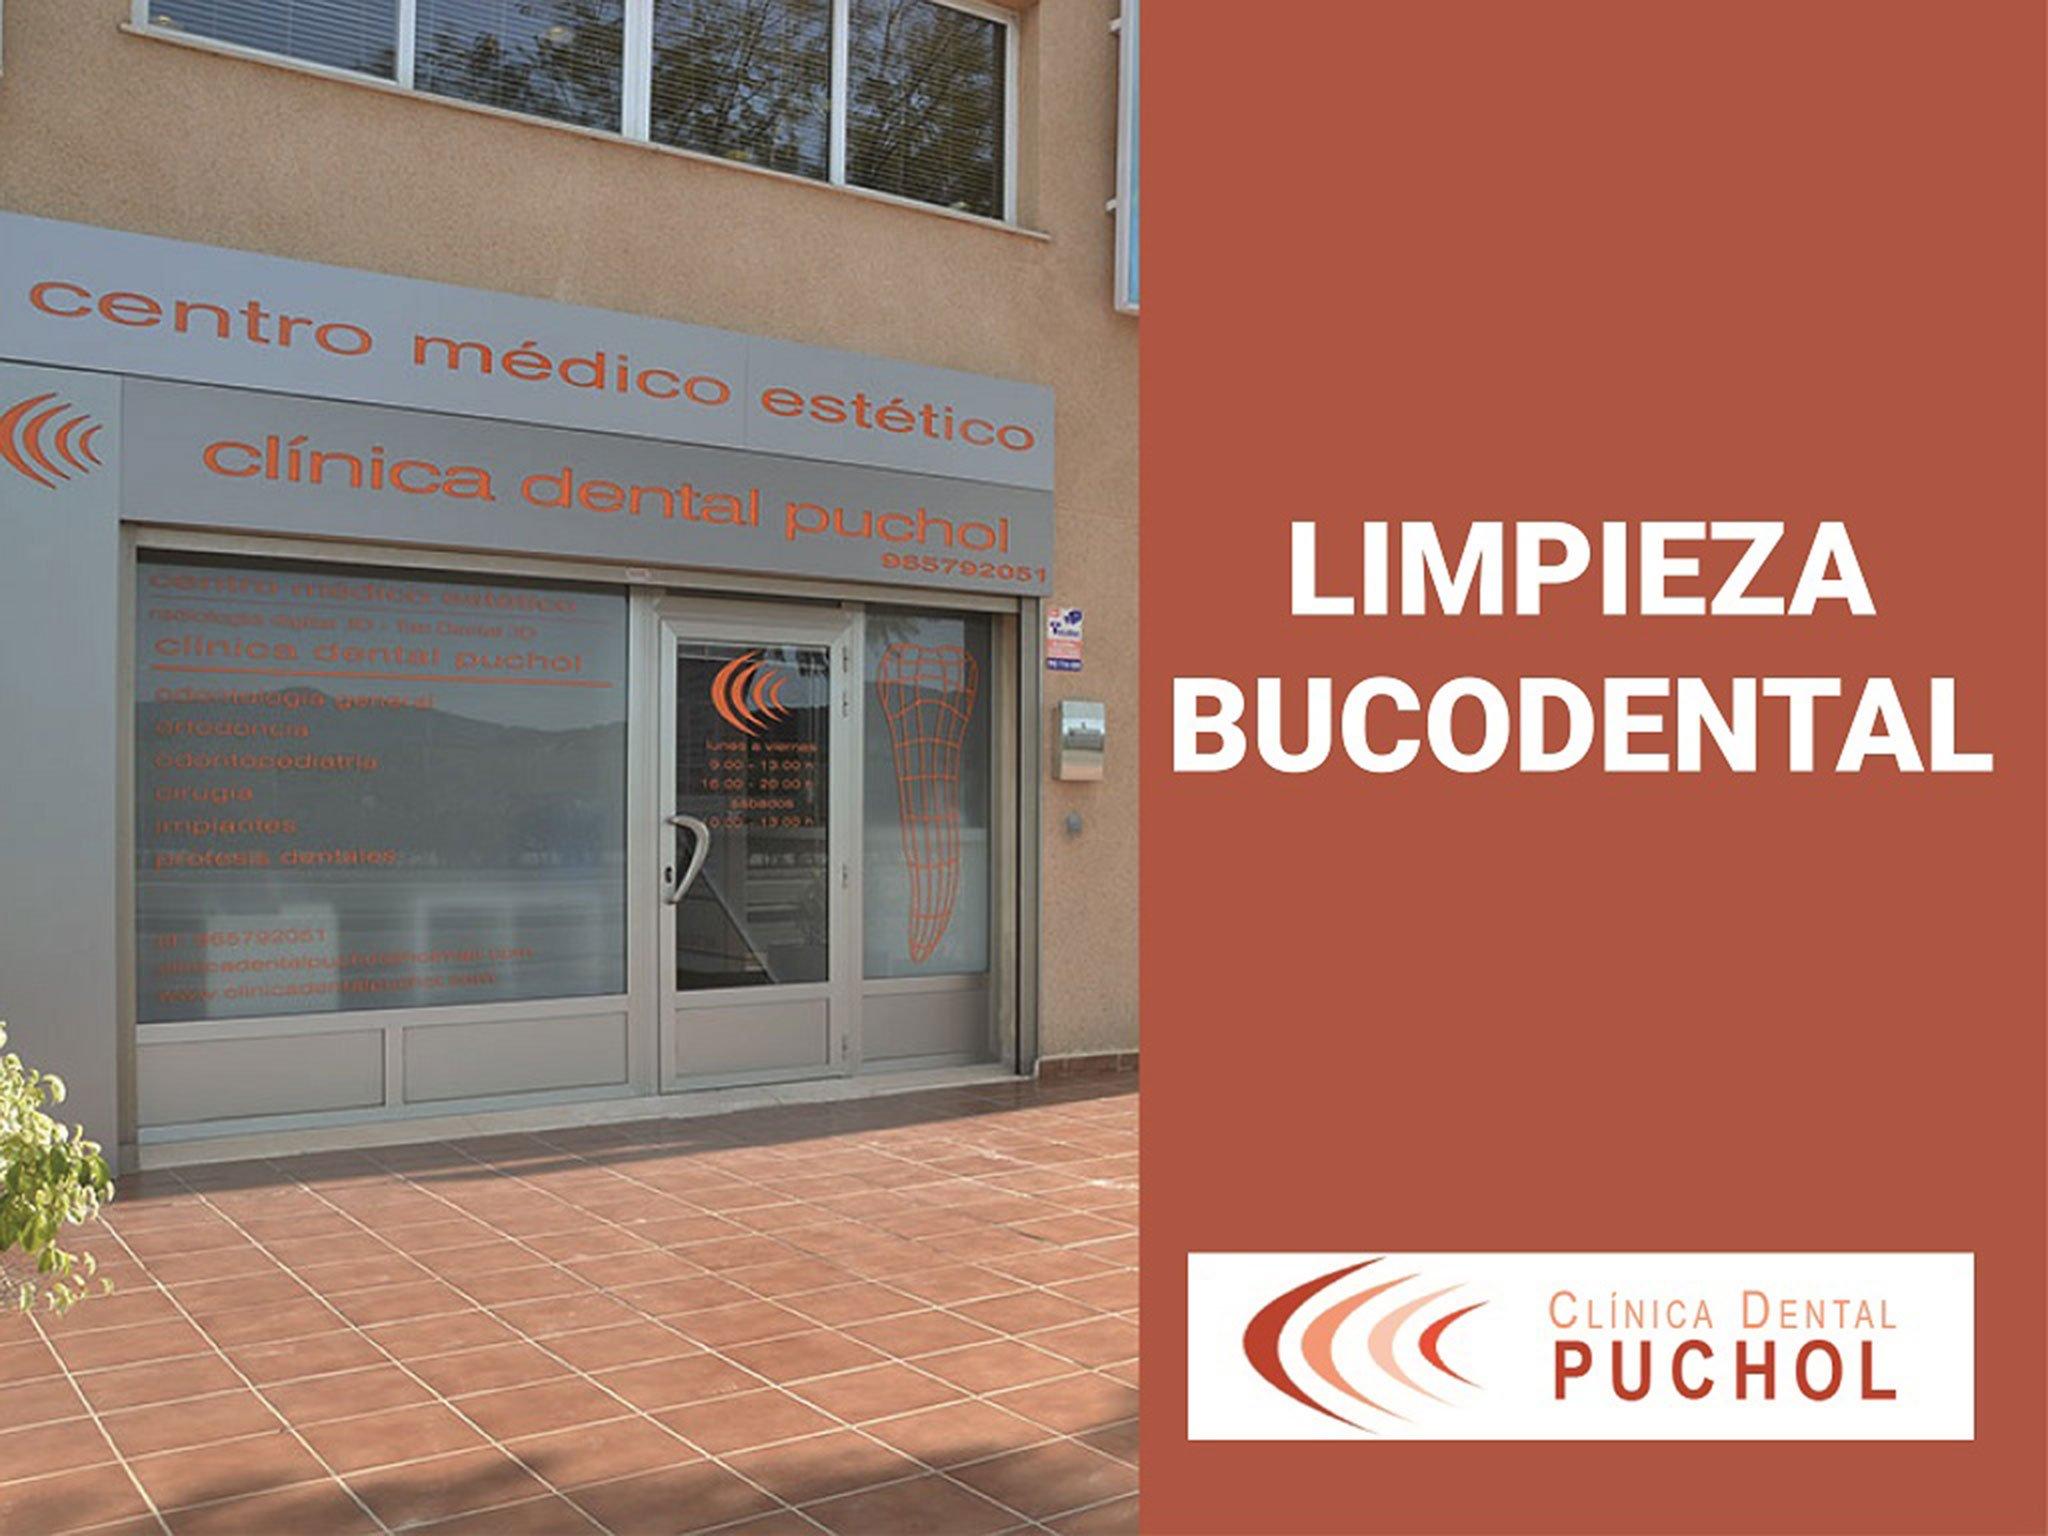 Clínica Dental Puchol – Bono de limpieza bucodental